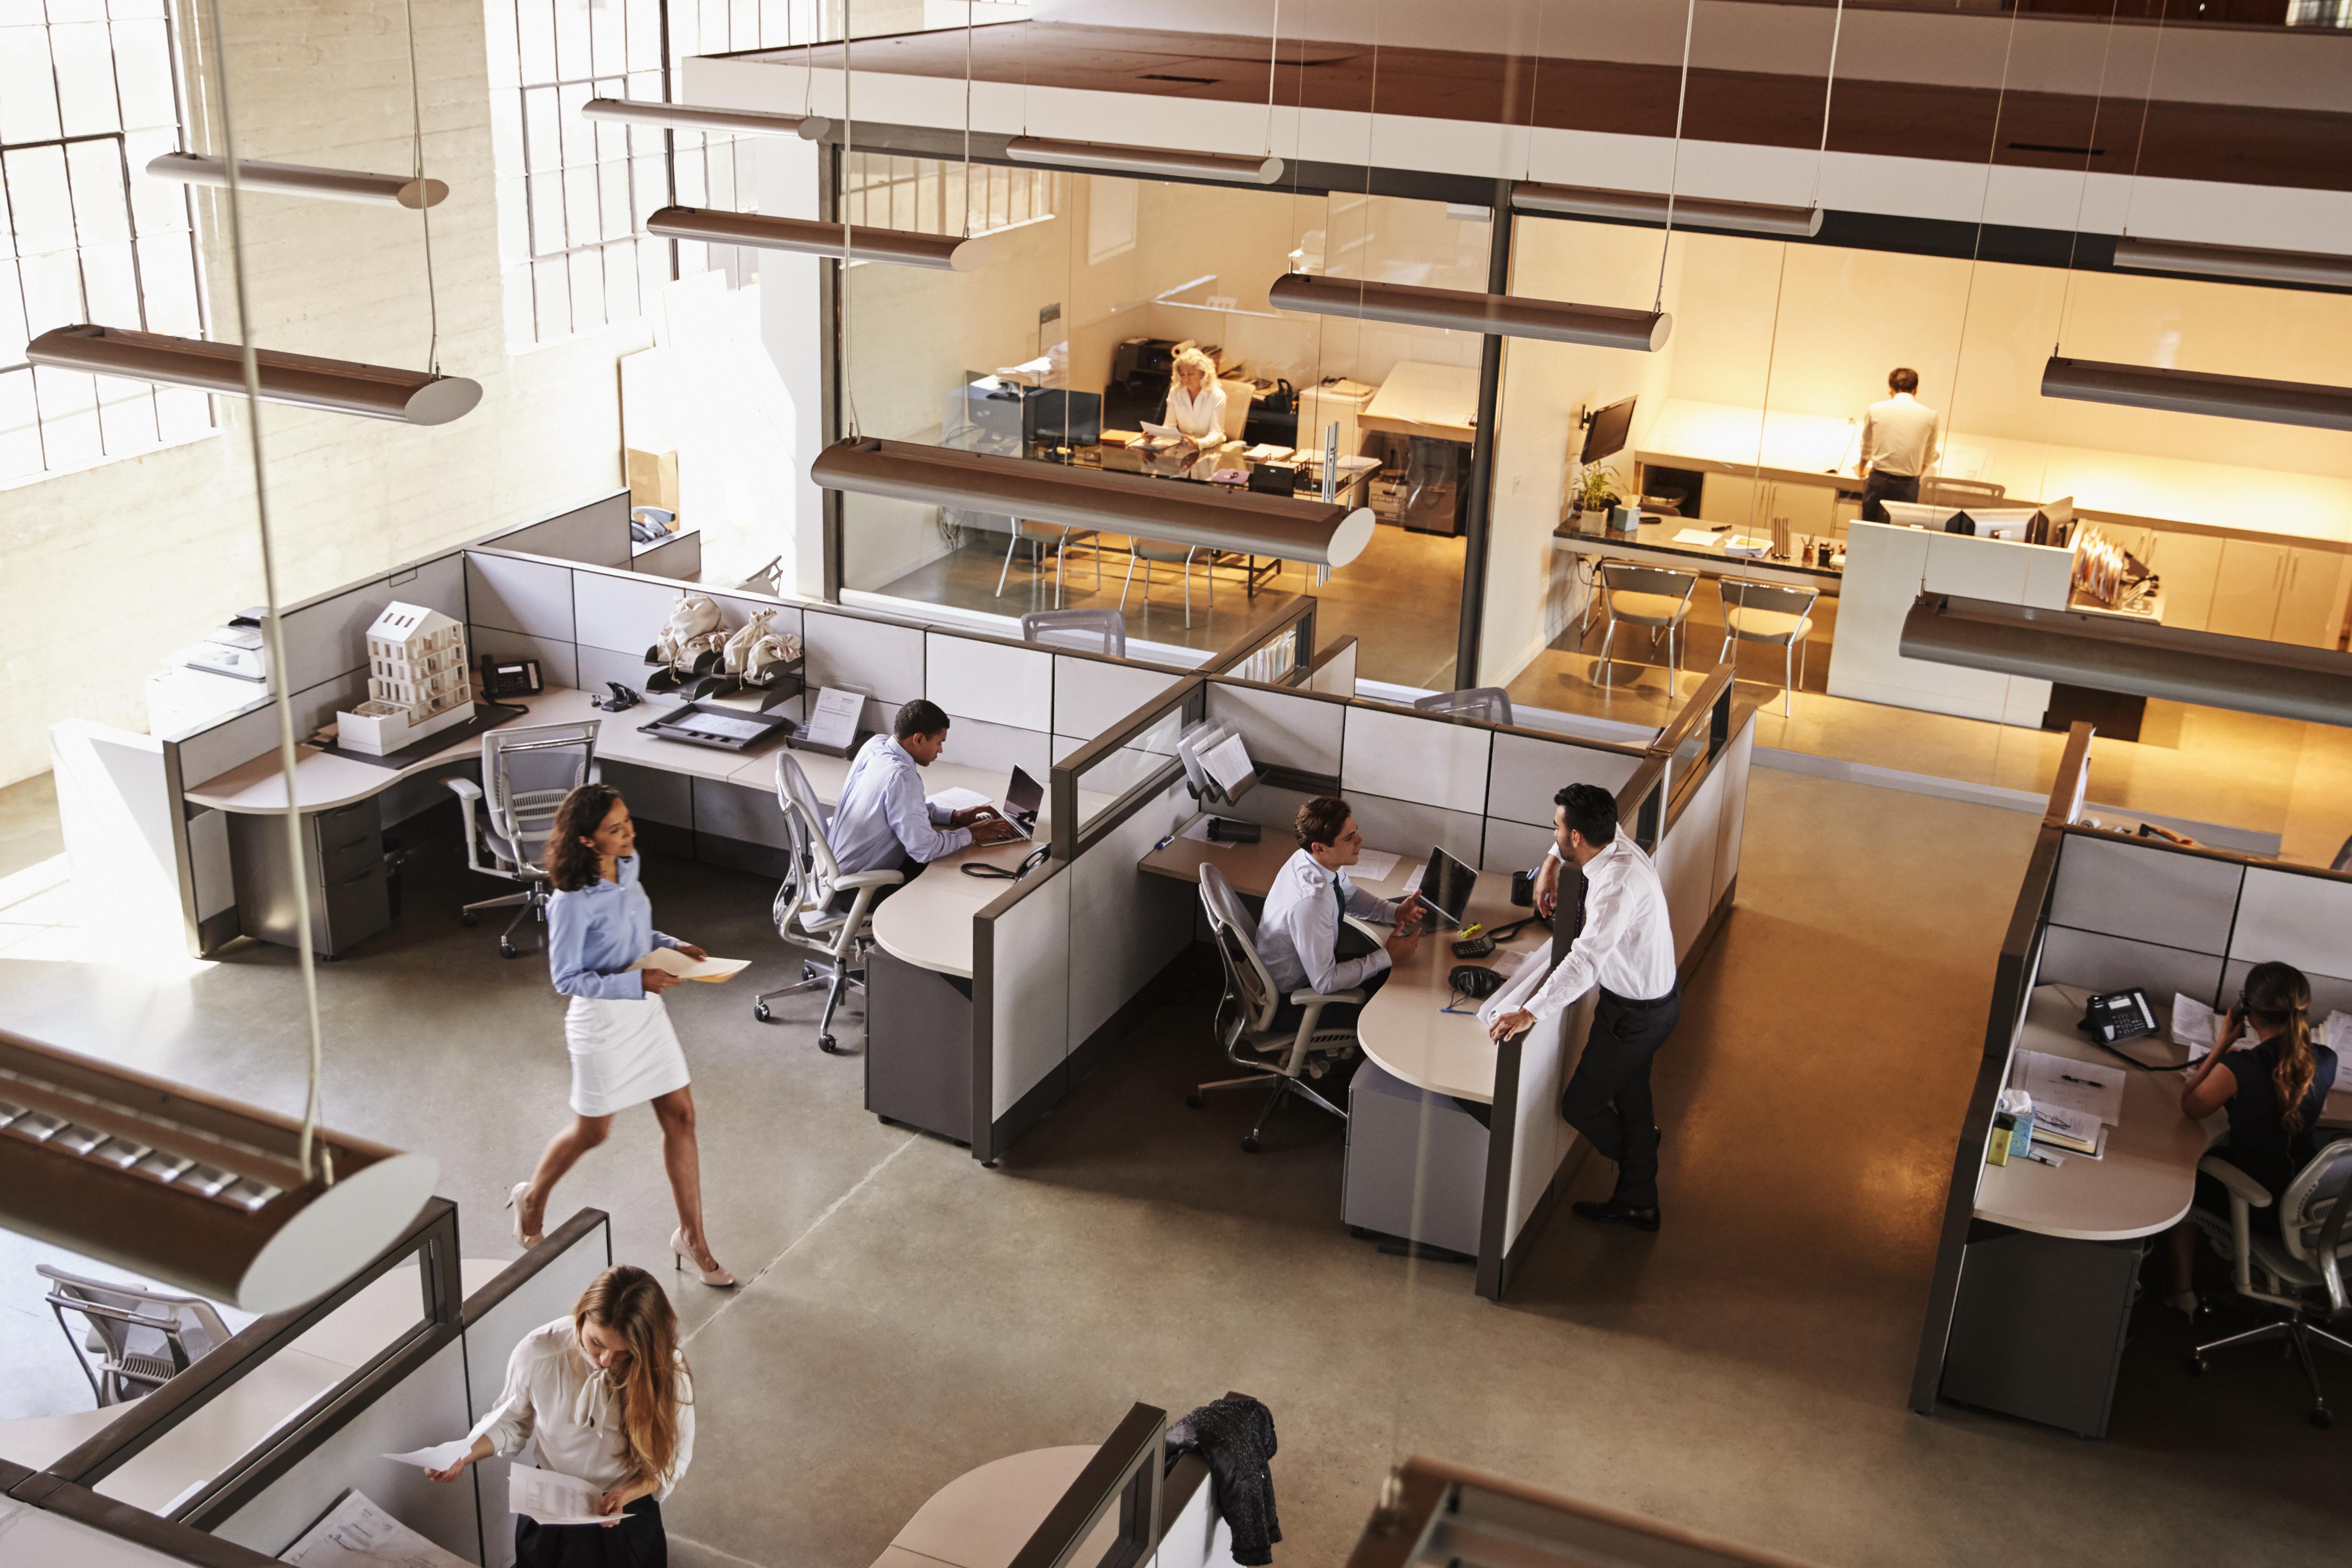 Büros , undefined - Büros mieten am Wirtschaftsstandort Mülheim an der Ruhr - 20